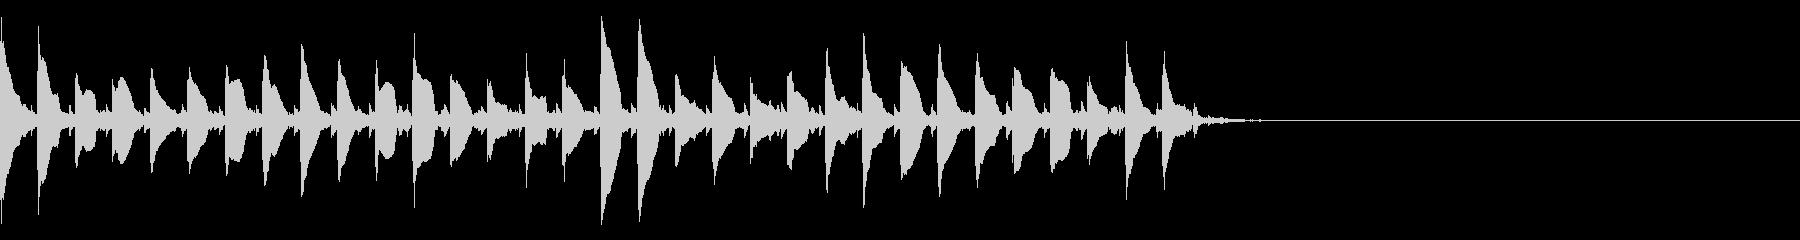 (話す、テキスト表示)長めA05の未再生の波形